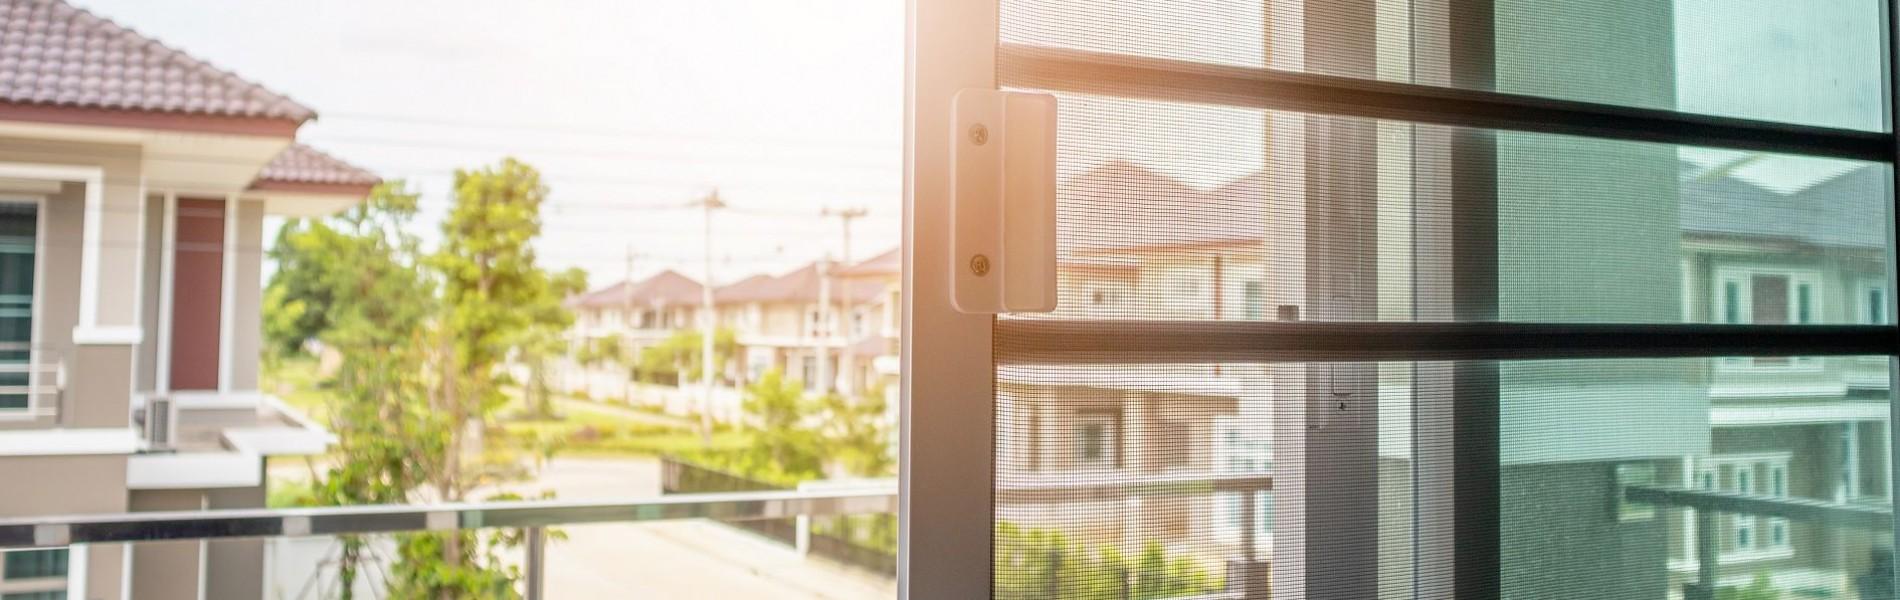 Votre domicile est-il bien protégé ?